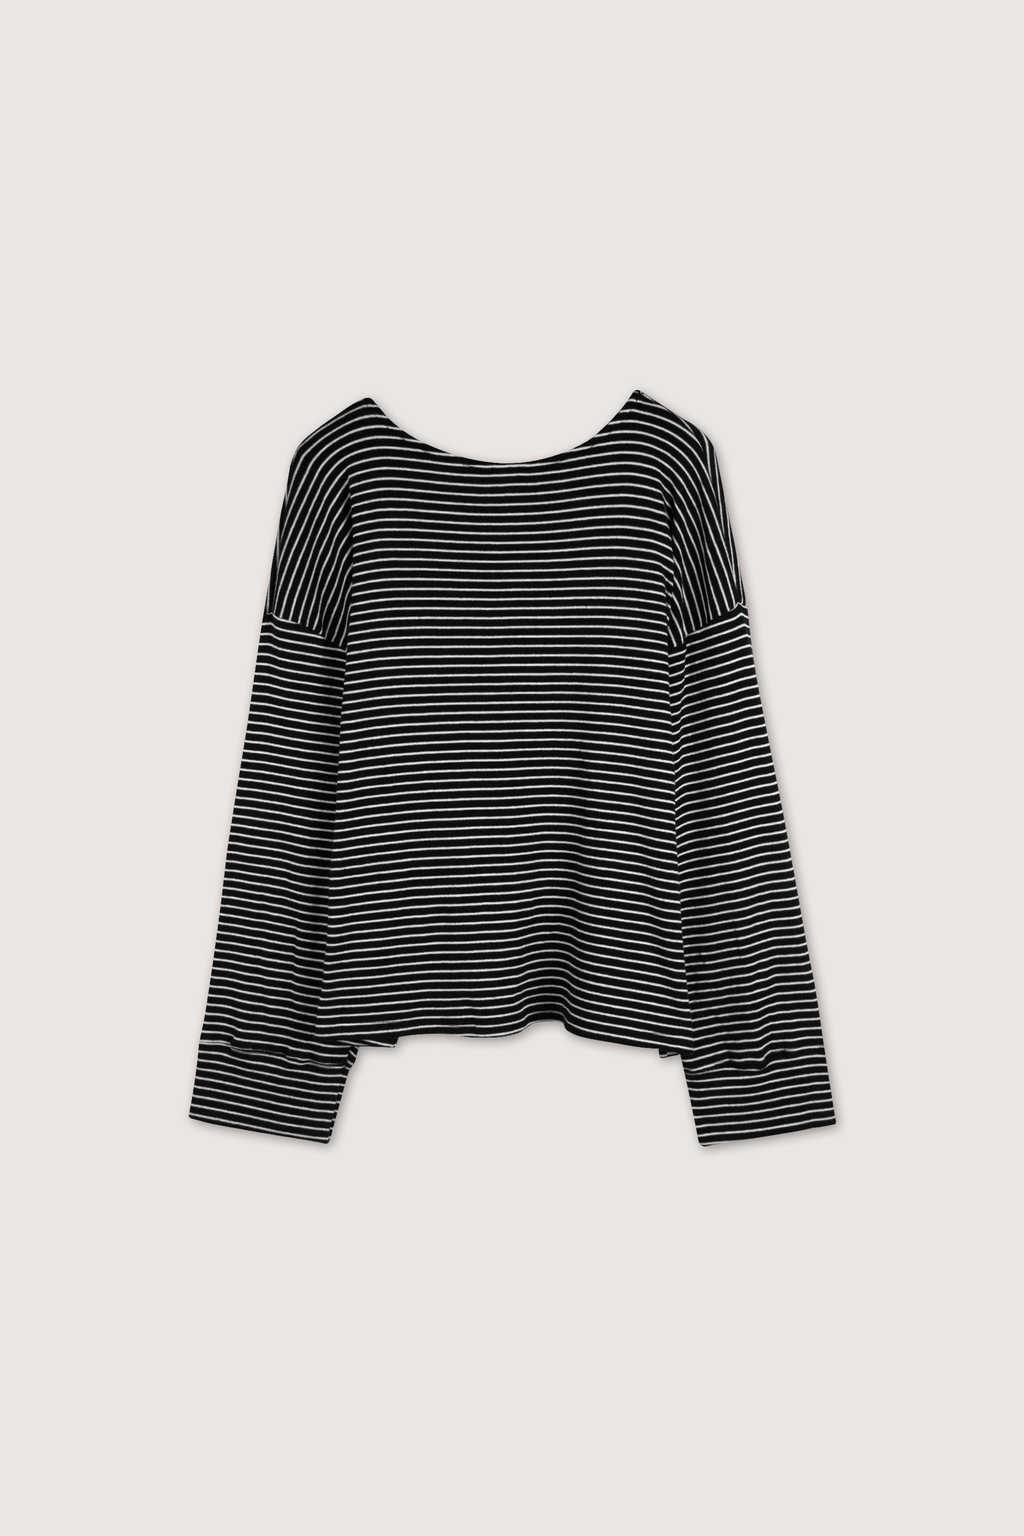 TShirt H362 Black 5